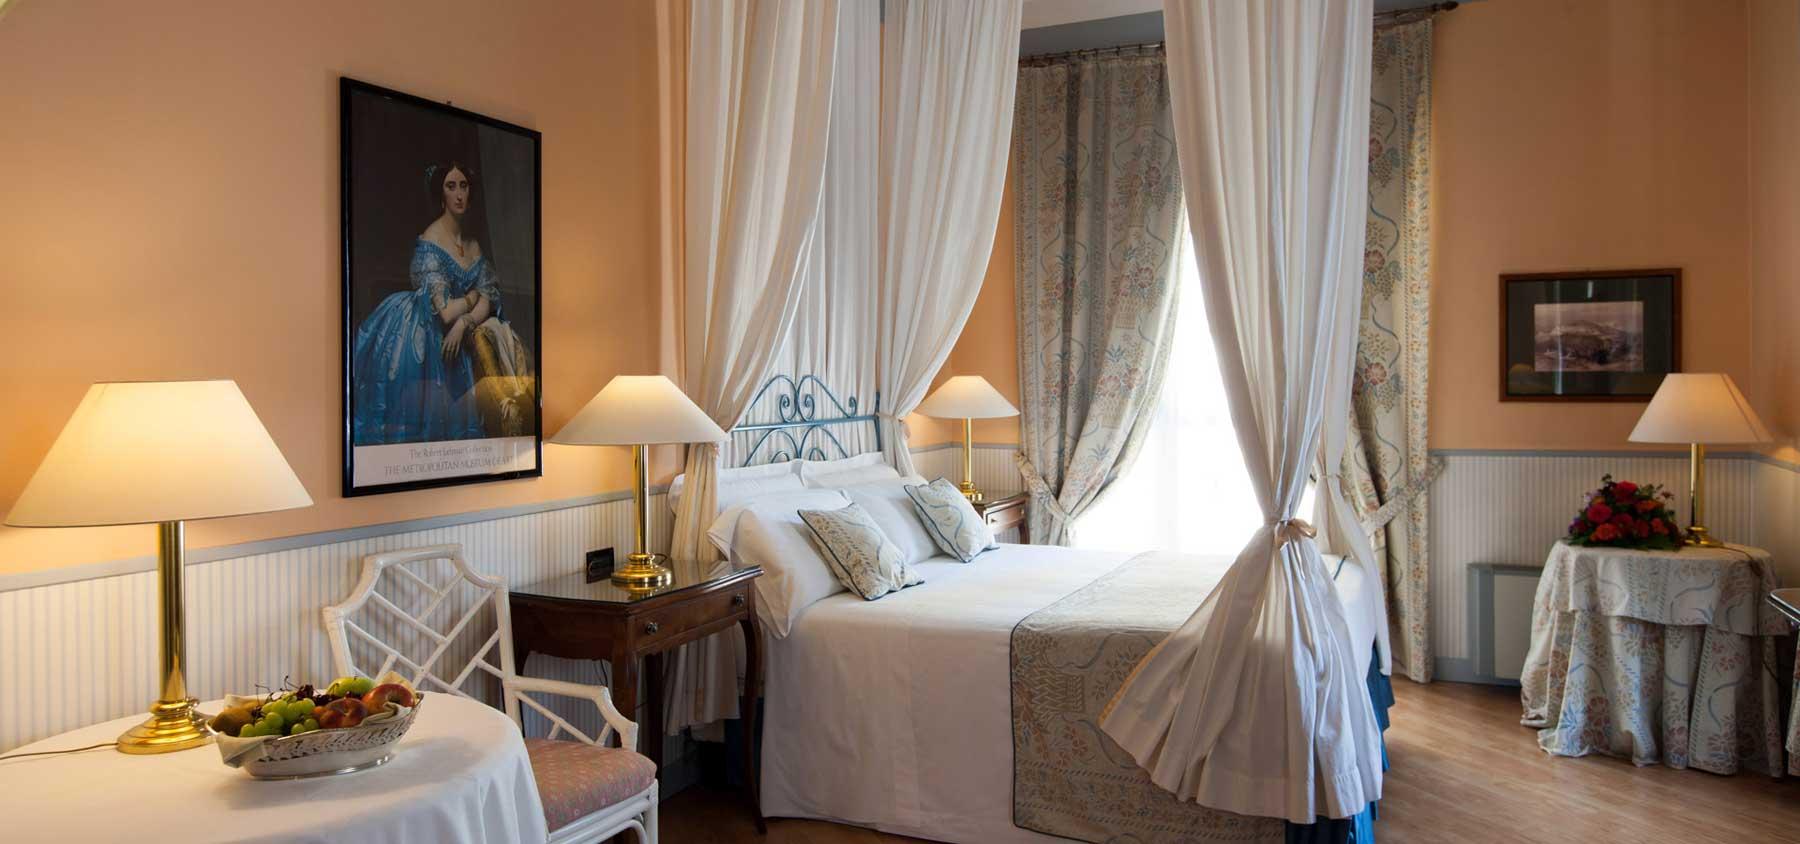 Hotel Victoria Turin Italie (chambre)